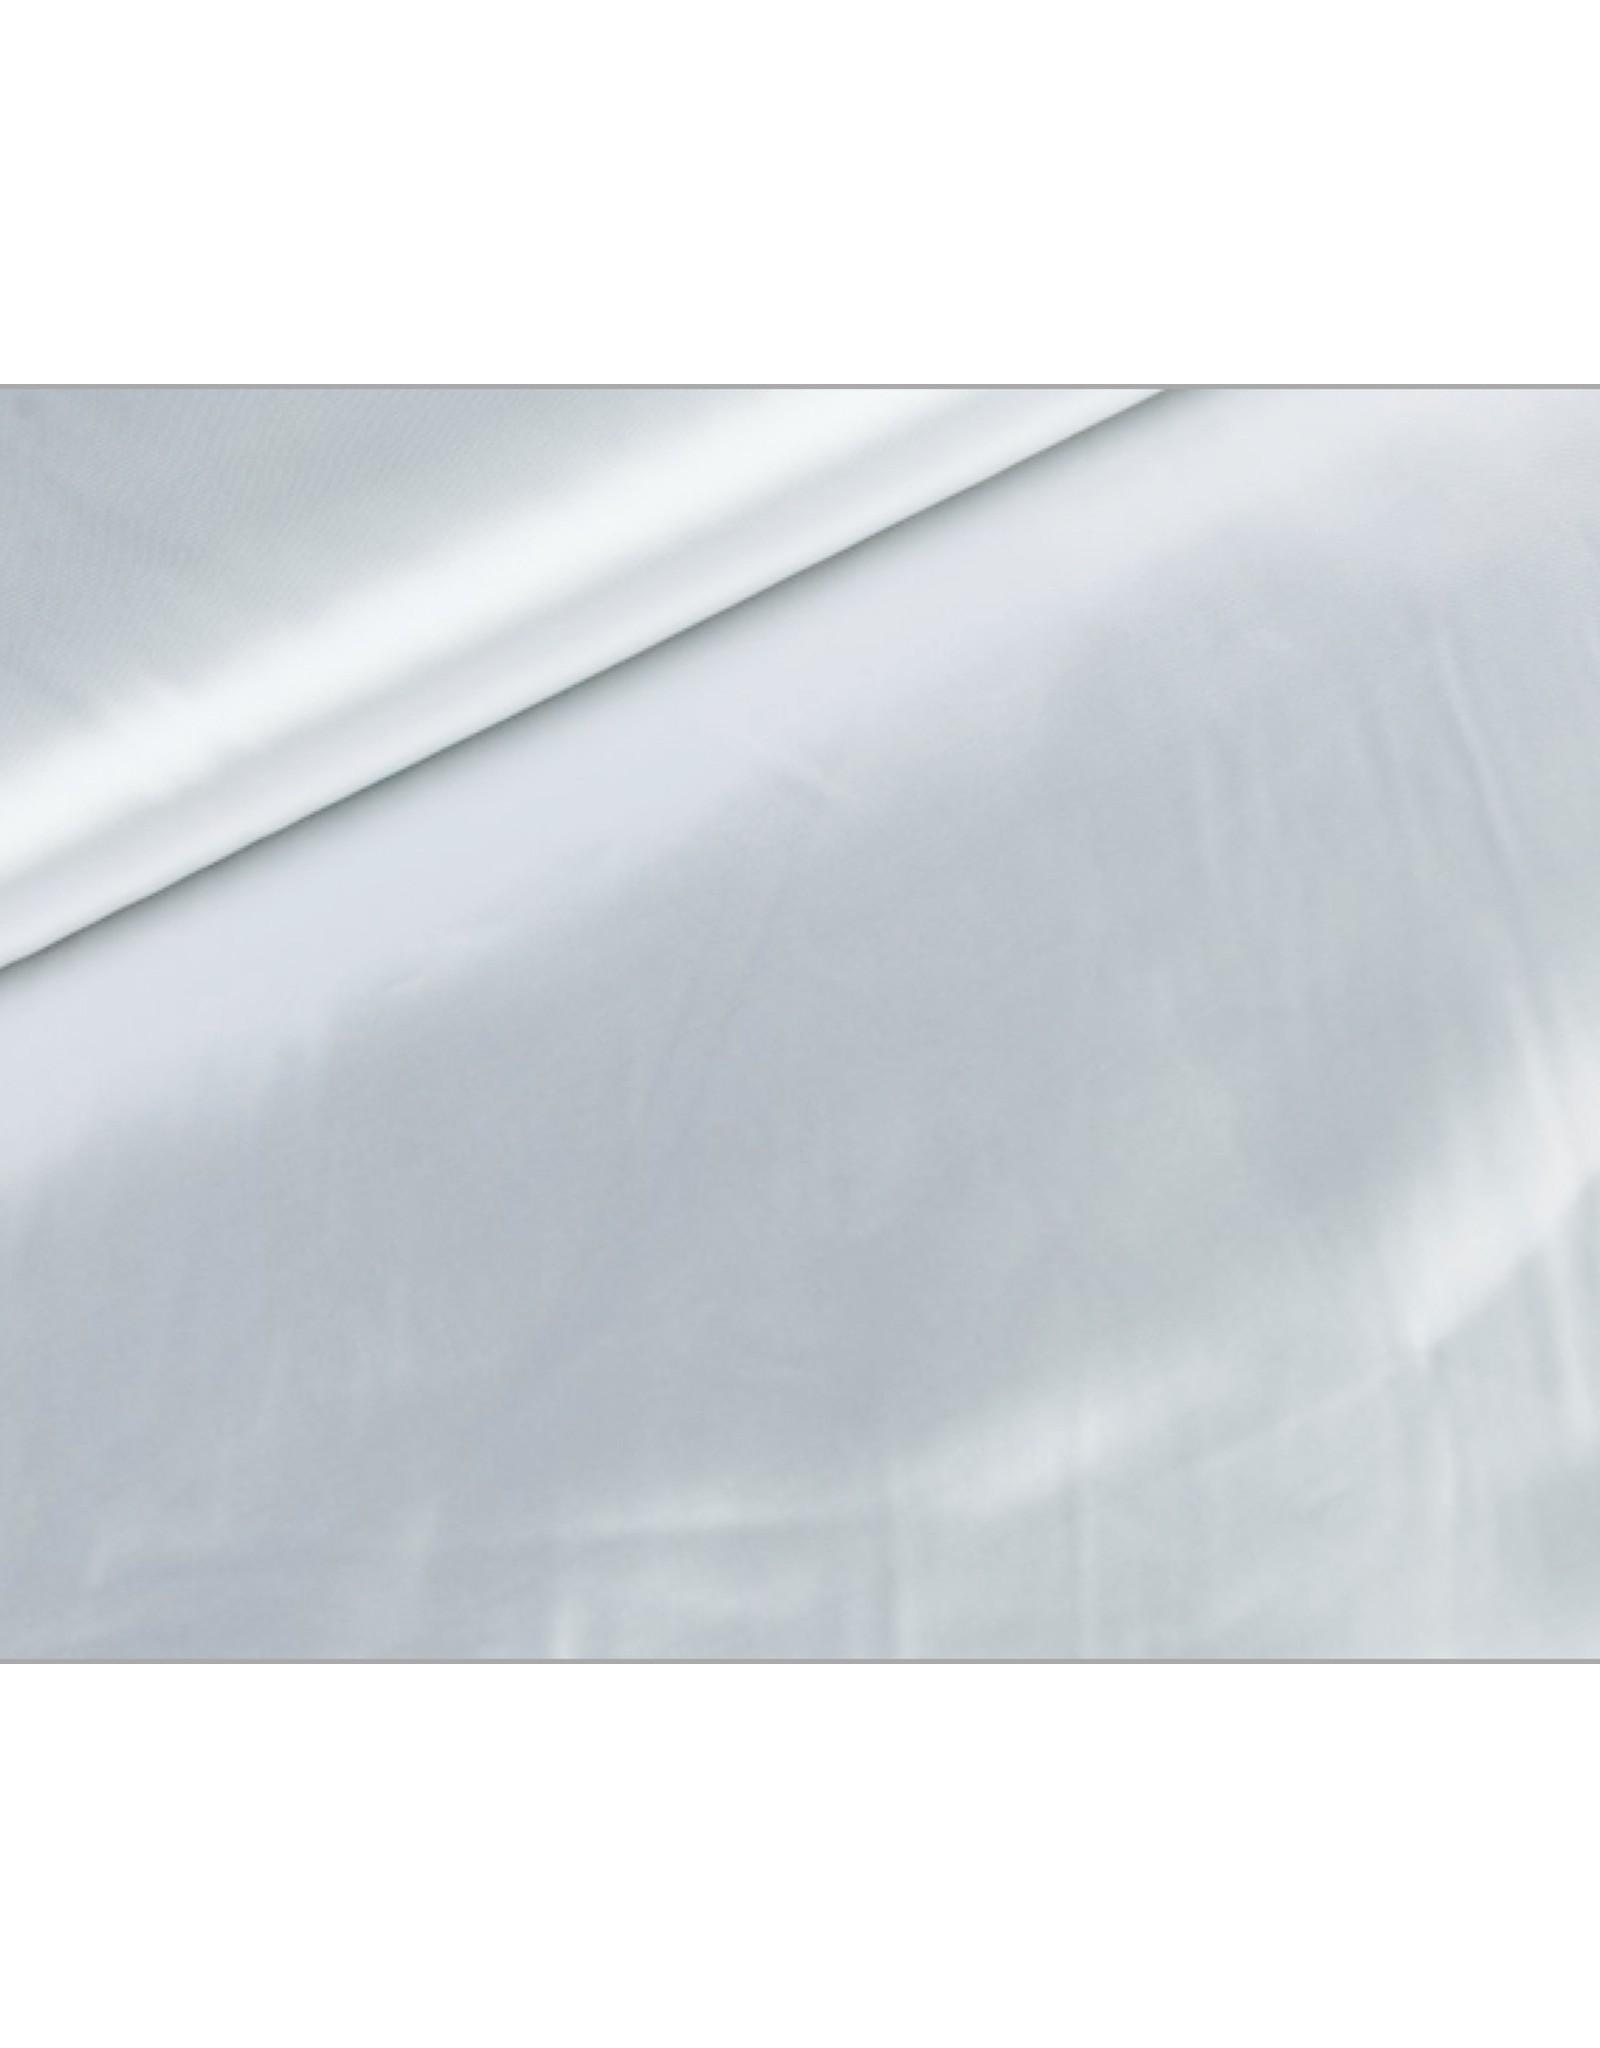 Satijn stof Wit